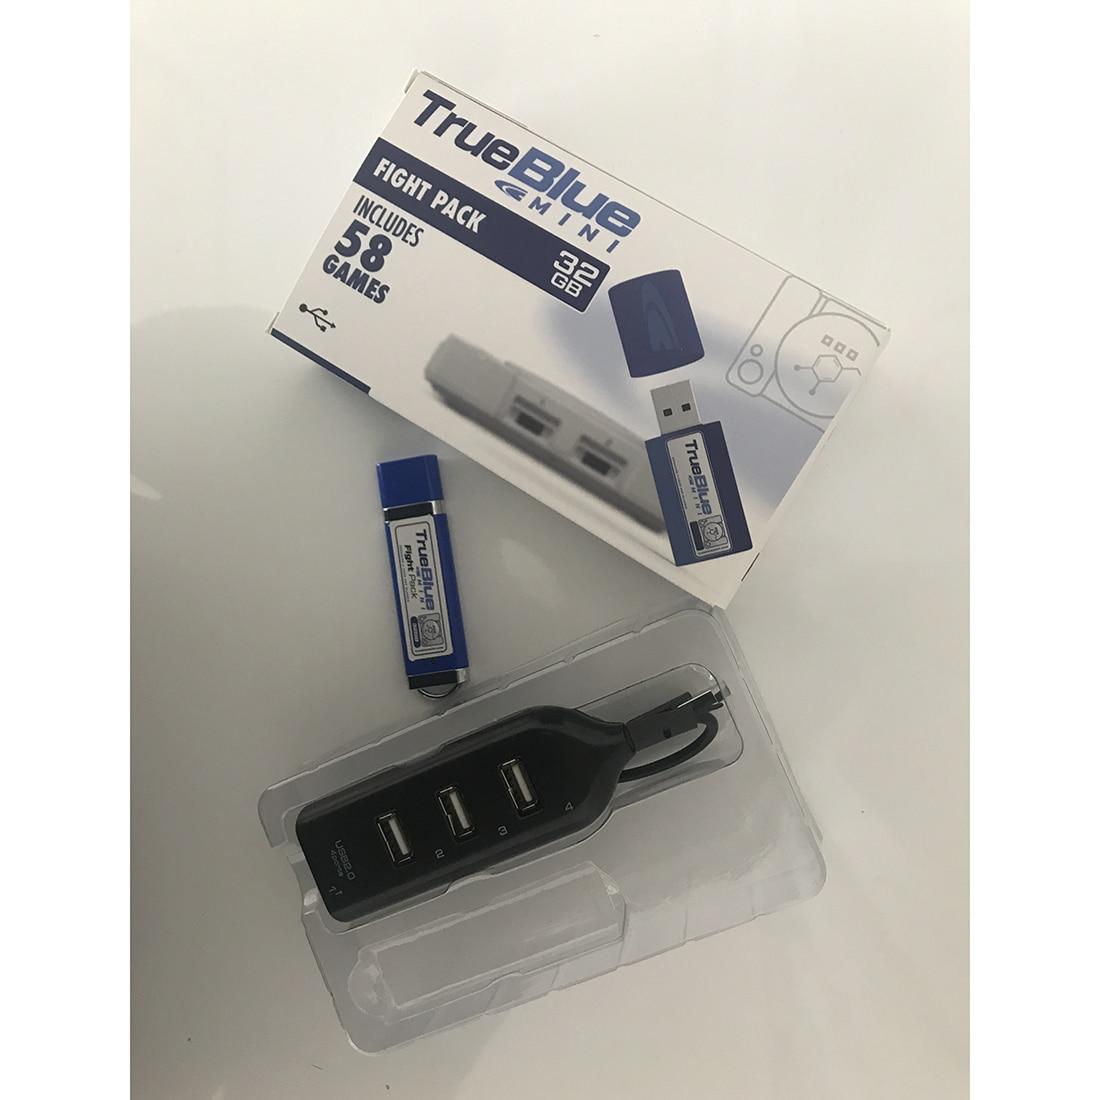 HOBBYINRC vrai bleu Mini 64G 101 jeux craquelé Pack + 64G 101 jeux Meth Pack pour PlayStation classique jeux & accessoires - 3